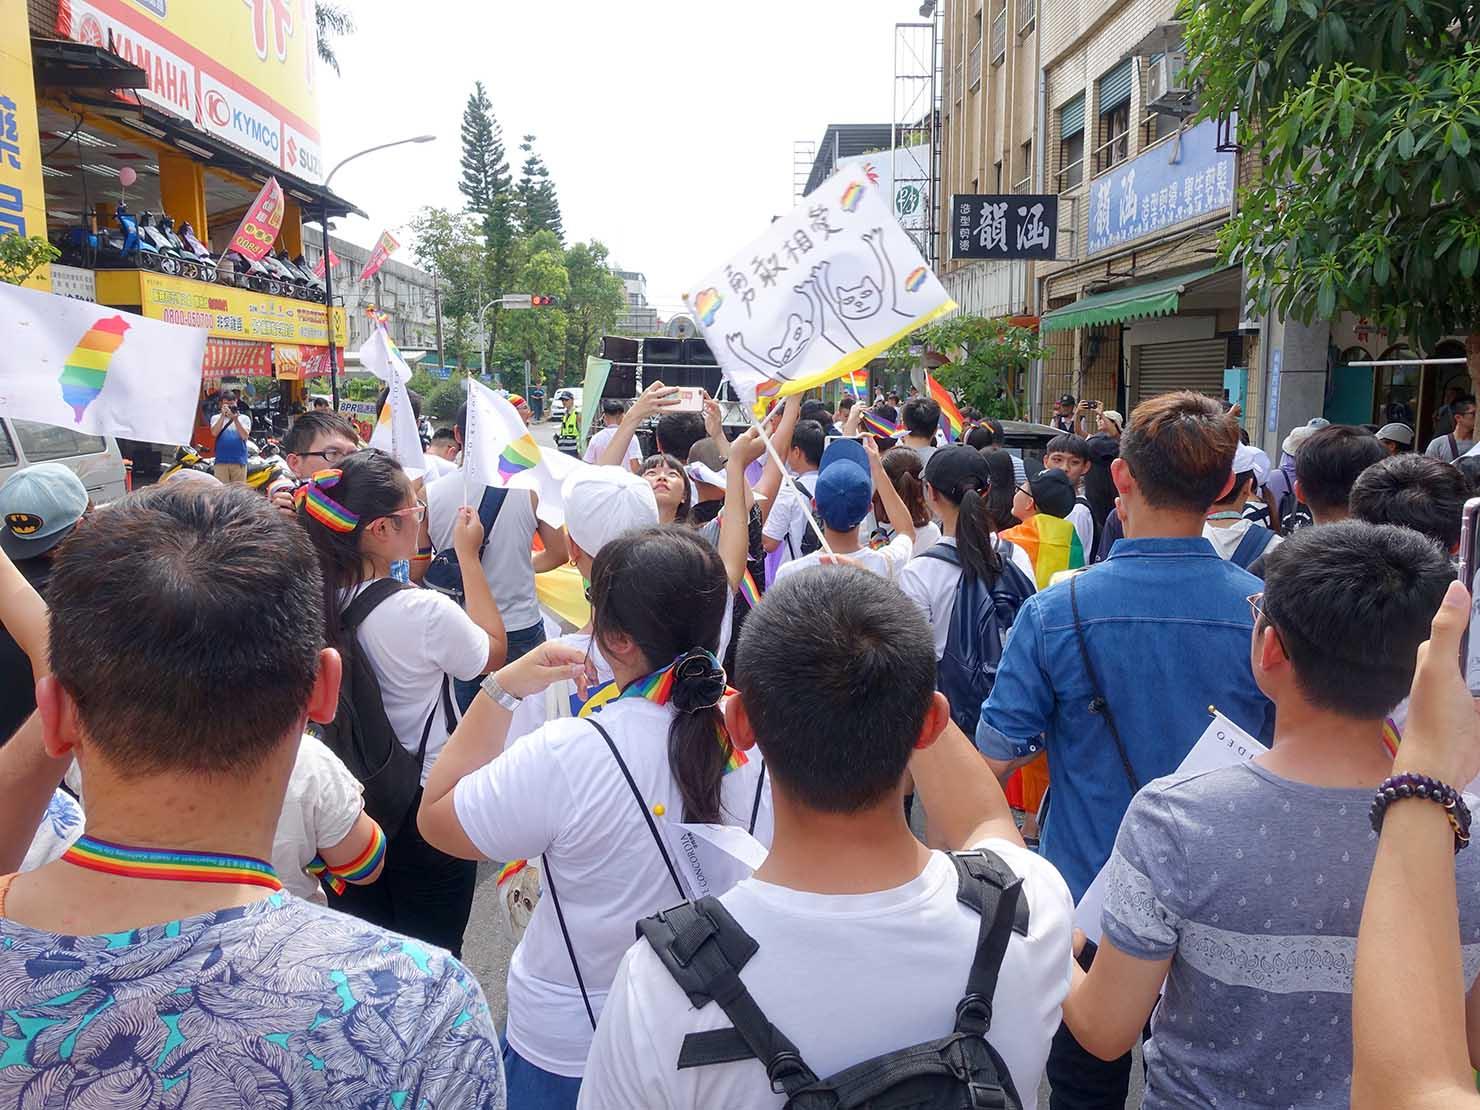 2018年台湾のLGBTプライド「宜蘭驕傲大遊行(宜蘭プライド)」パレードでレインボーフラッグを振る参加者たち